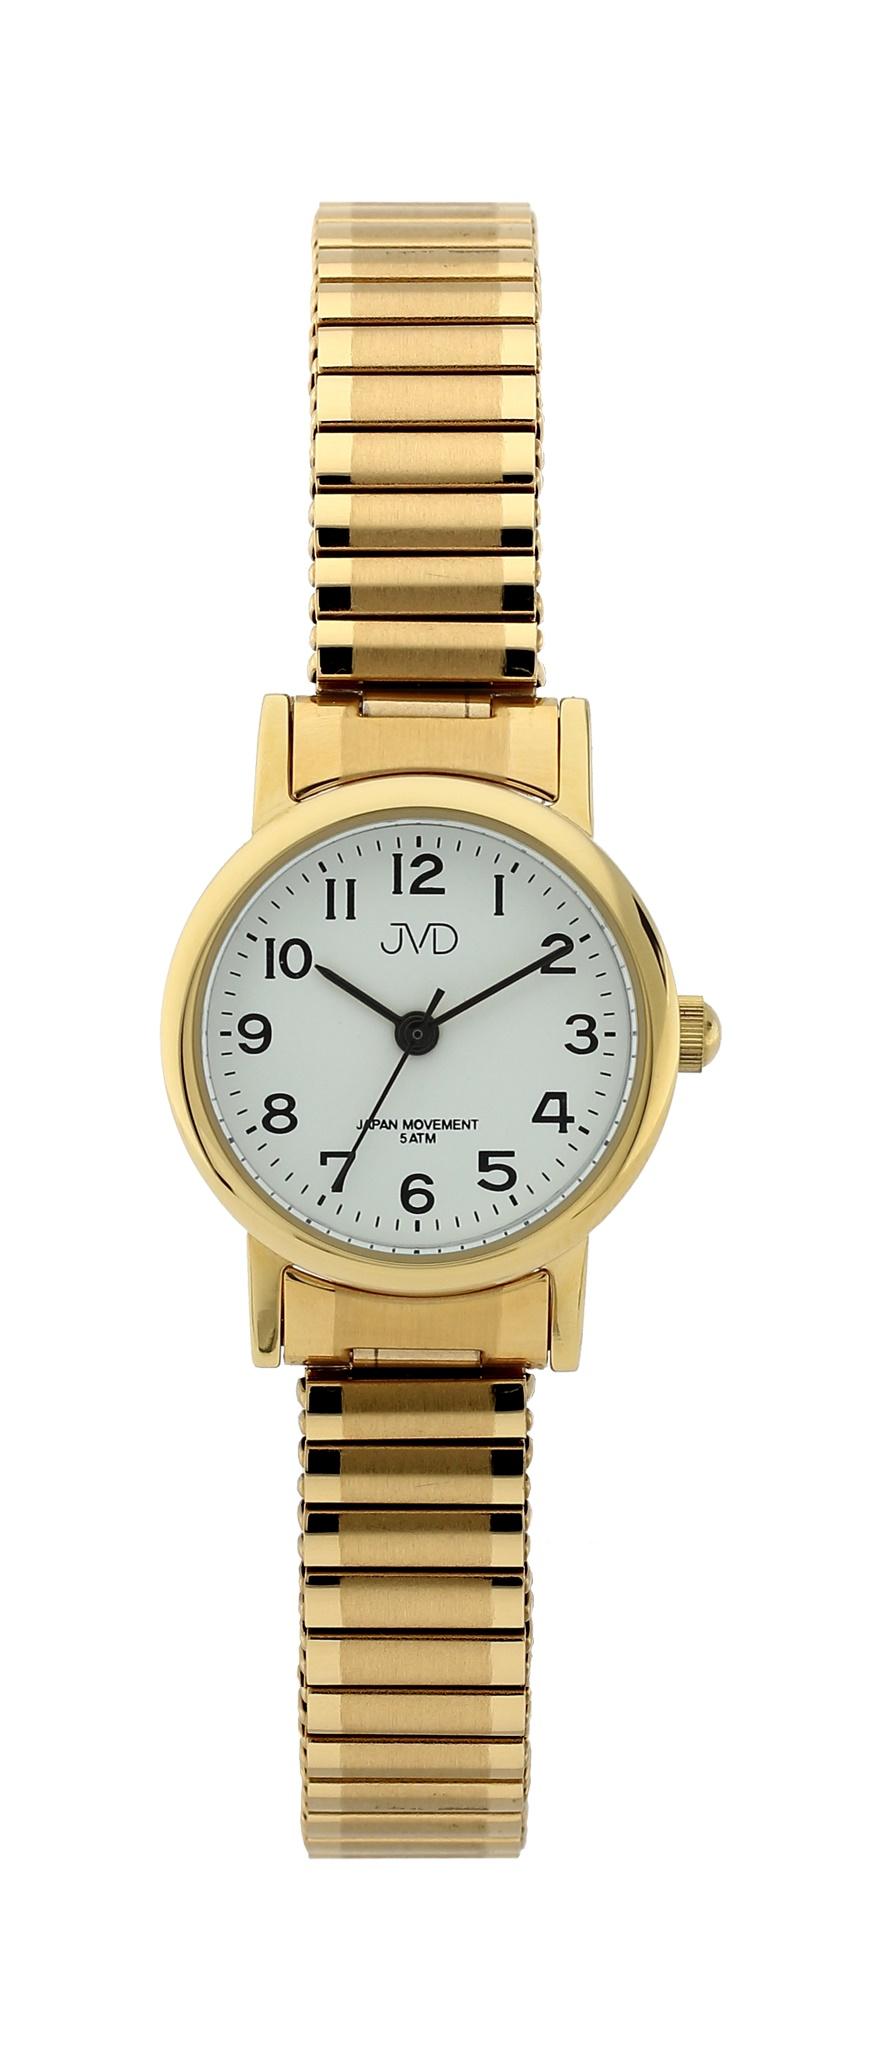 Dámské elegantní zlacené náramkové hodinky JVD steel J4010.5 (POŠTOVNÉ ZDARMA!!)